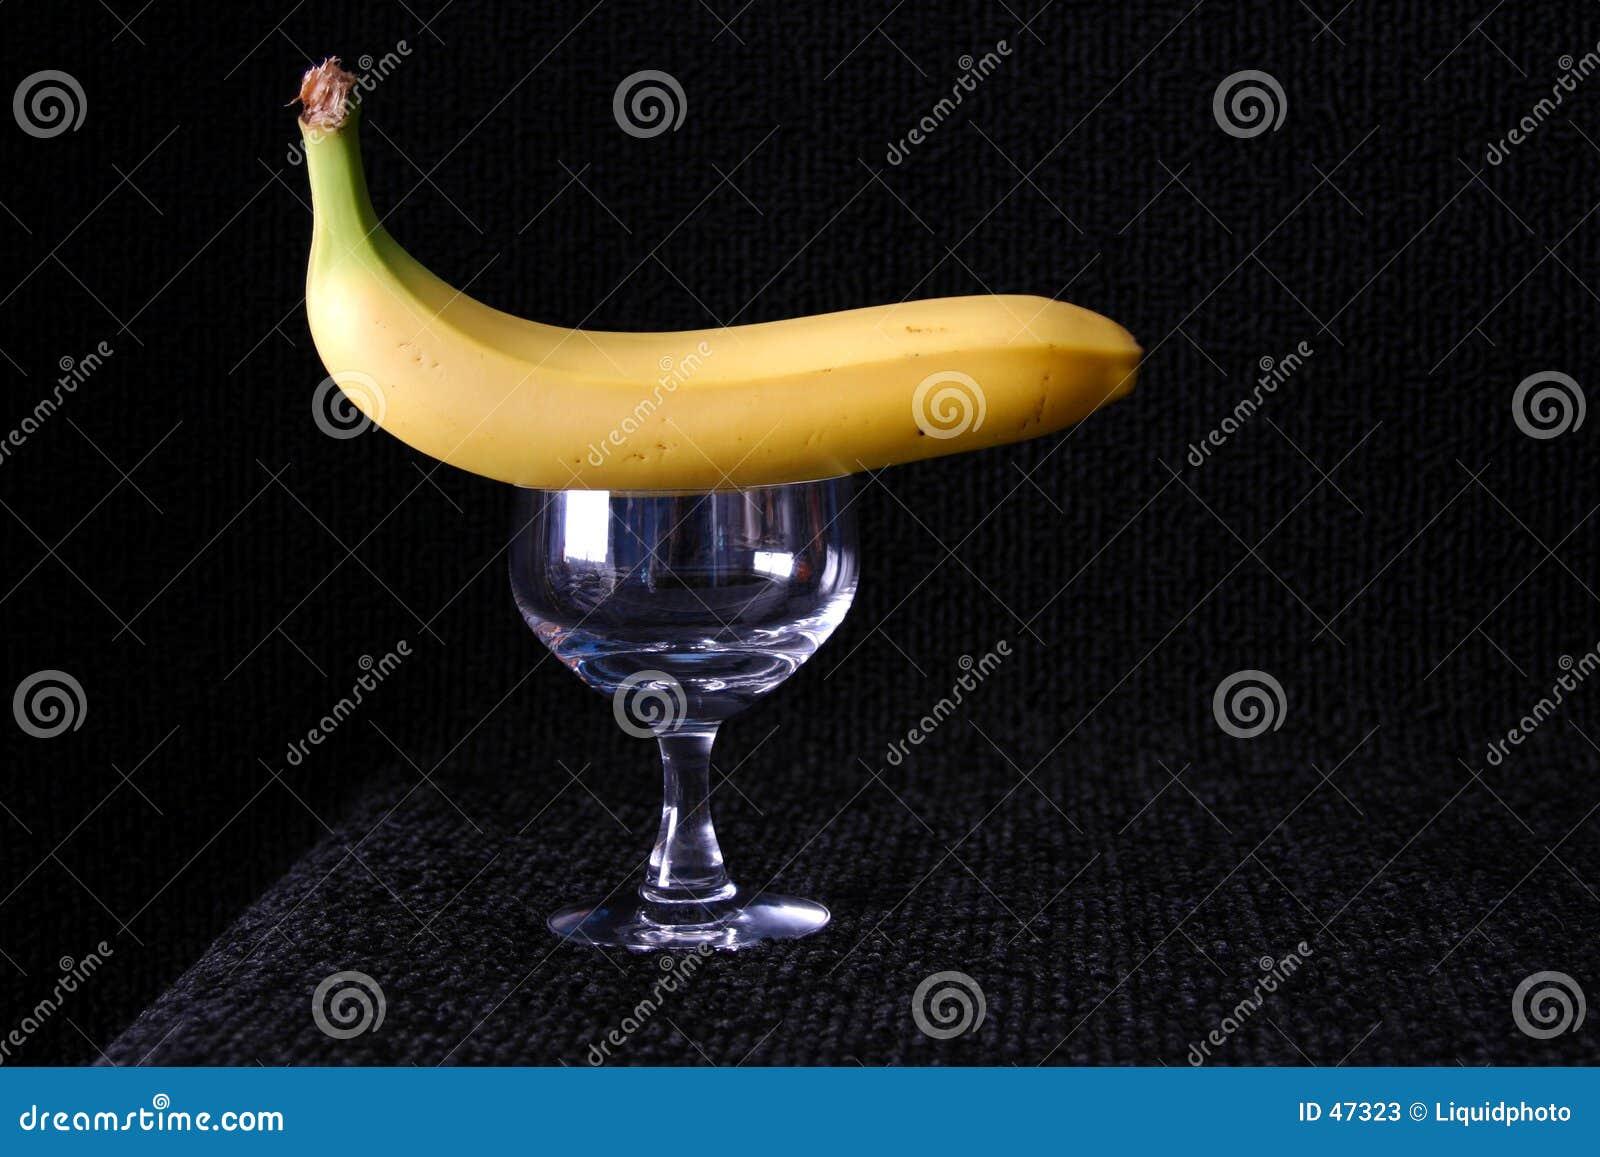 Plátano en tapa